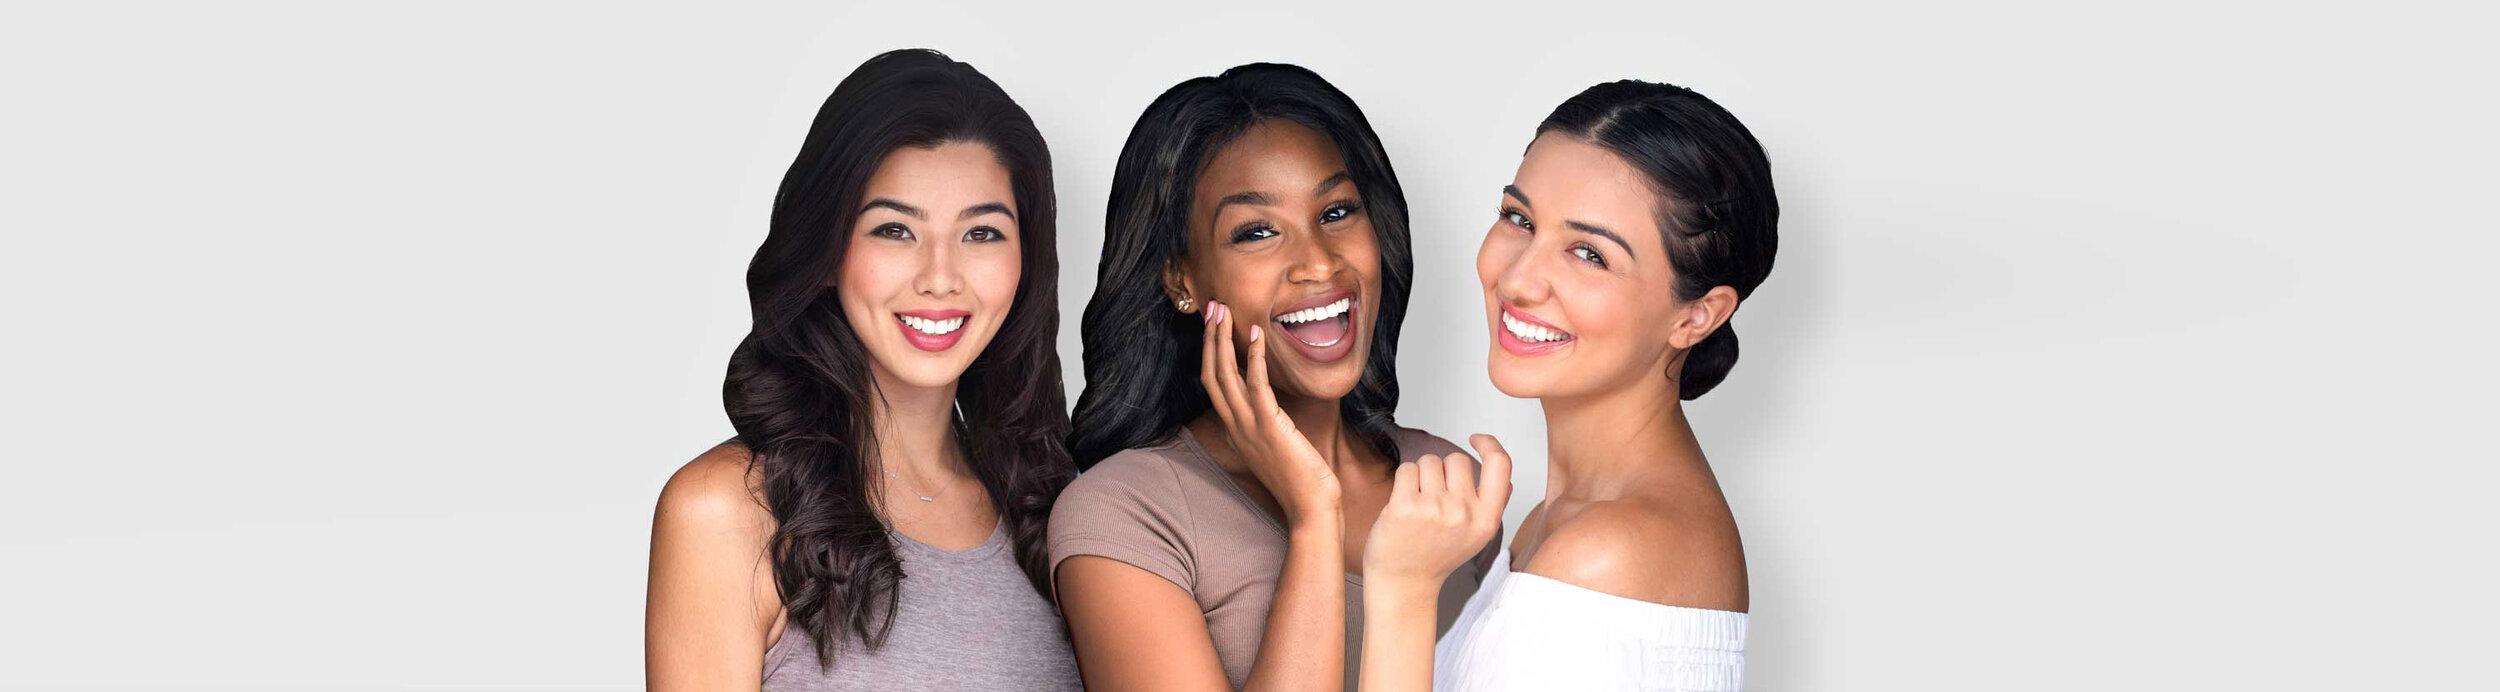 Skin Health Women.jpg